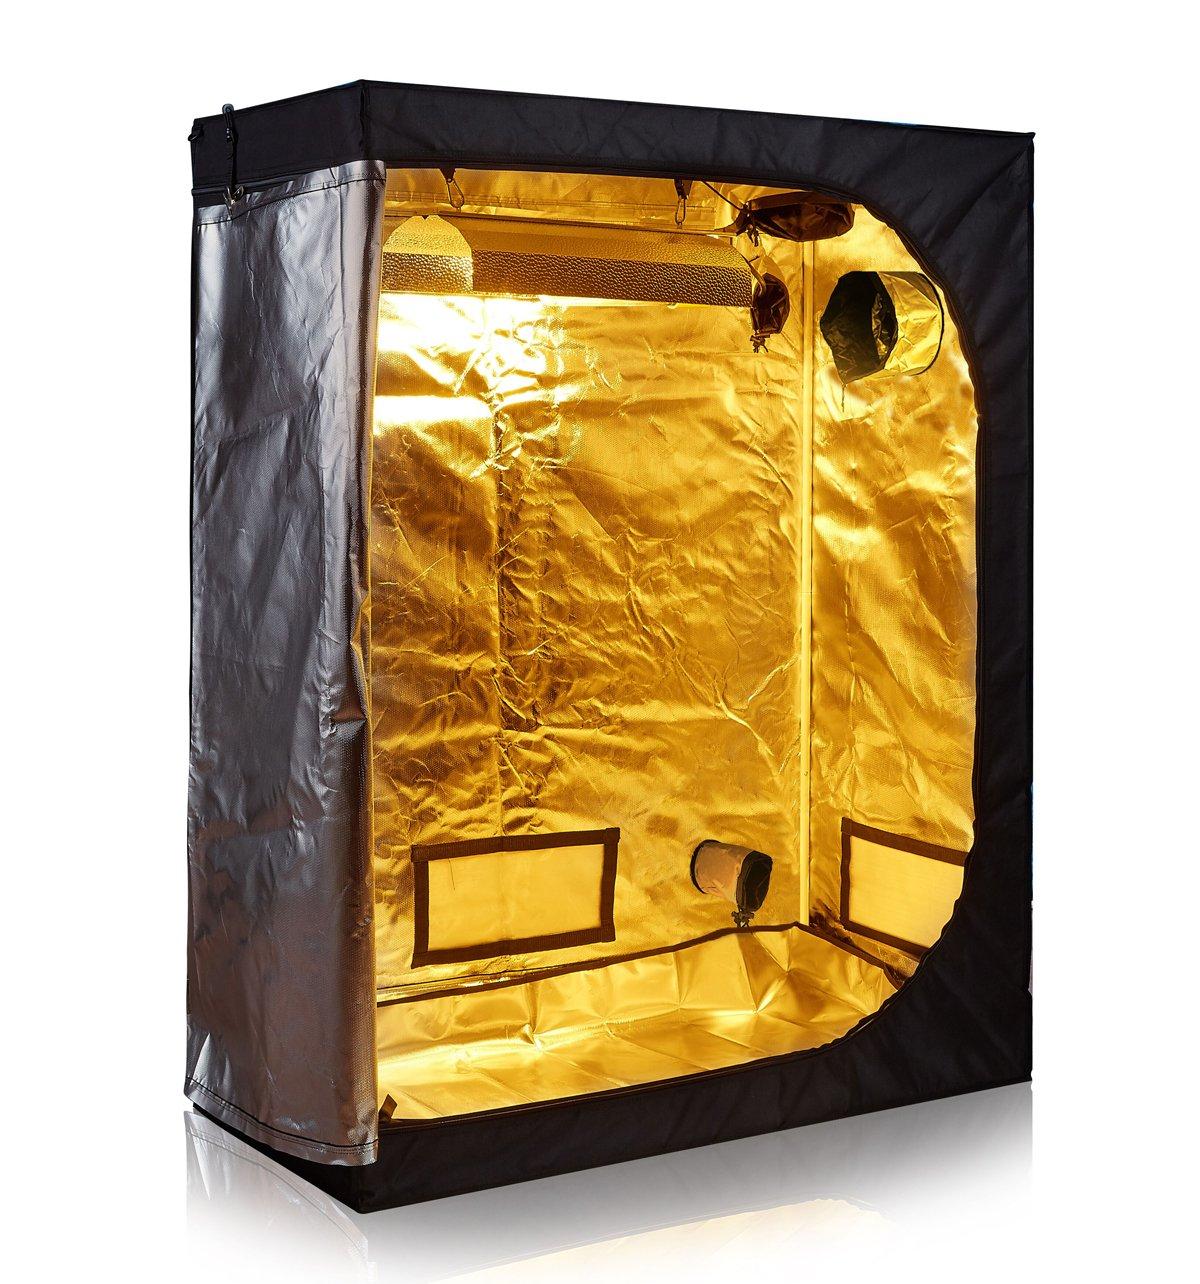 TopoLite 48''x24''x60'' 600D Grow Tent Room Reflective Mylar Indoor Garden Growing Room Hydroponic System Dark Room